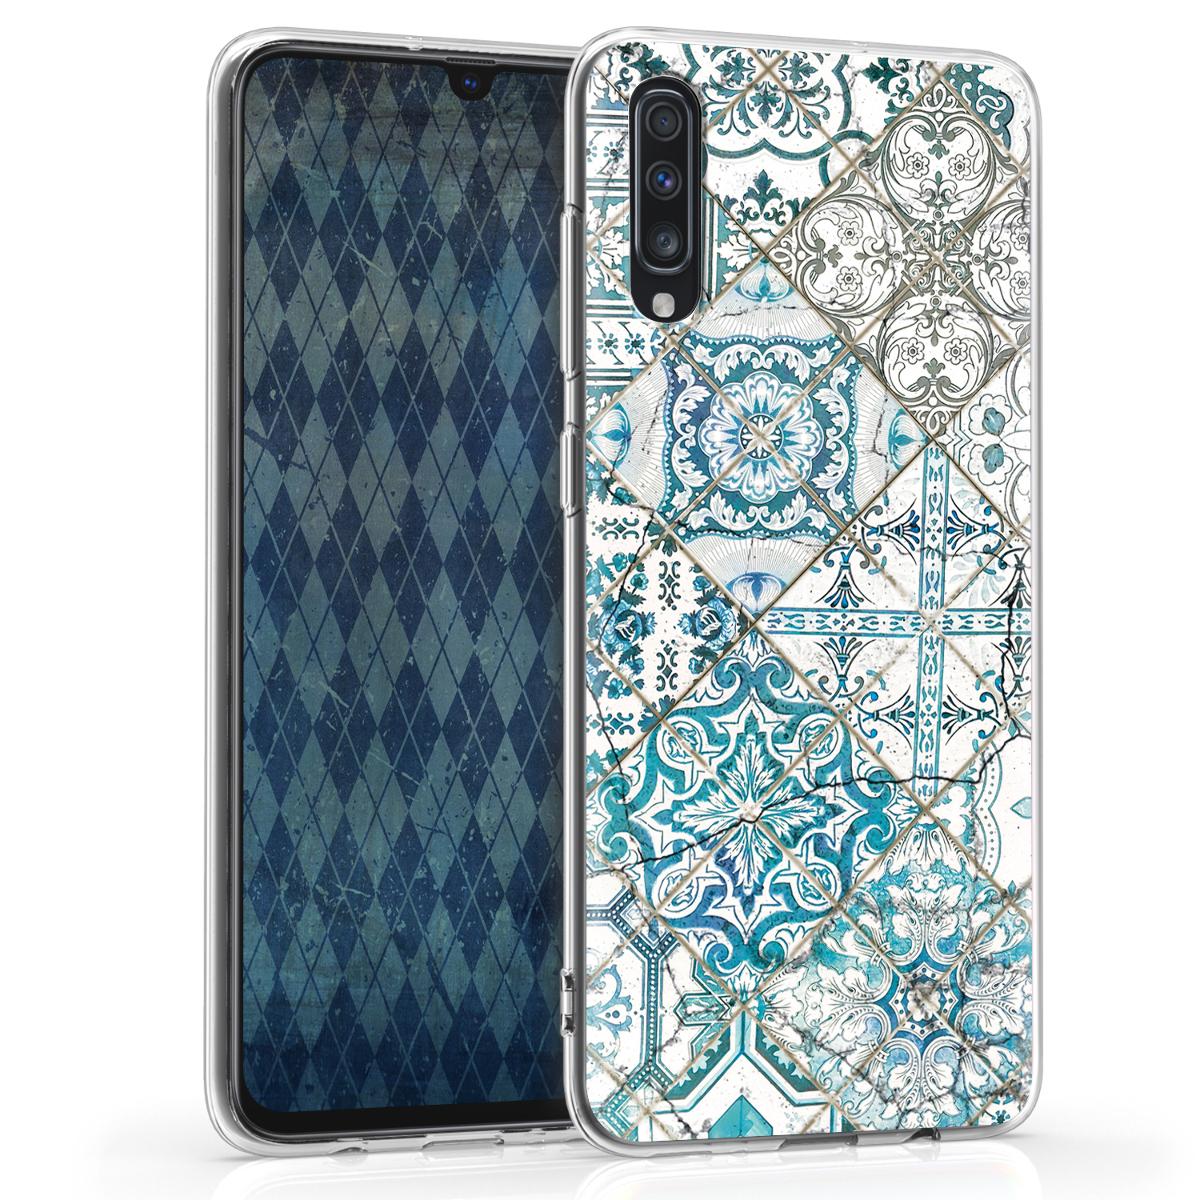 Kvalitní silikonové TPU pouzdro pro Samsung A70 - Moroccan Vibes monochromaticky modré / šedé / bílá